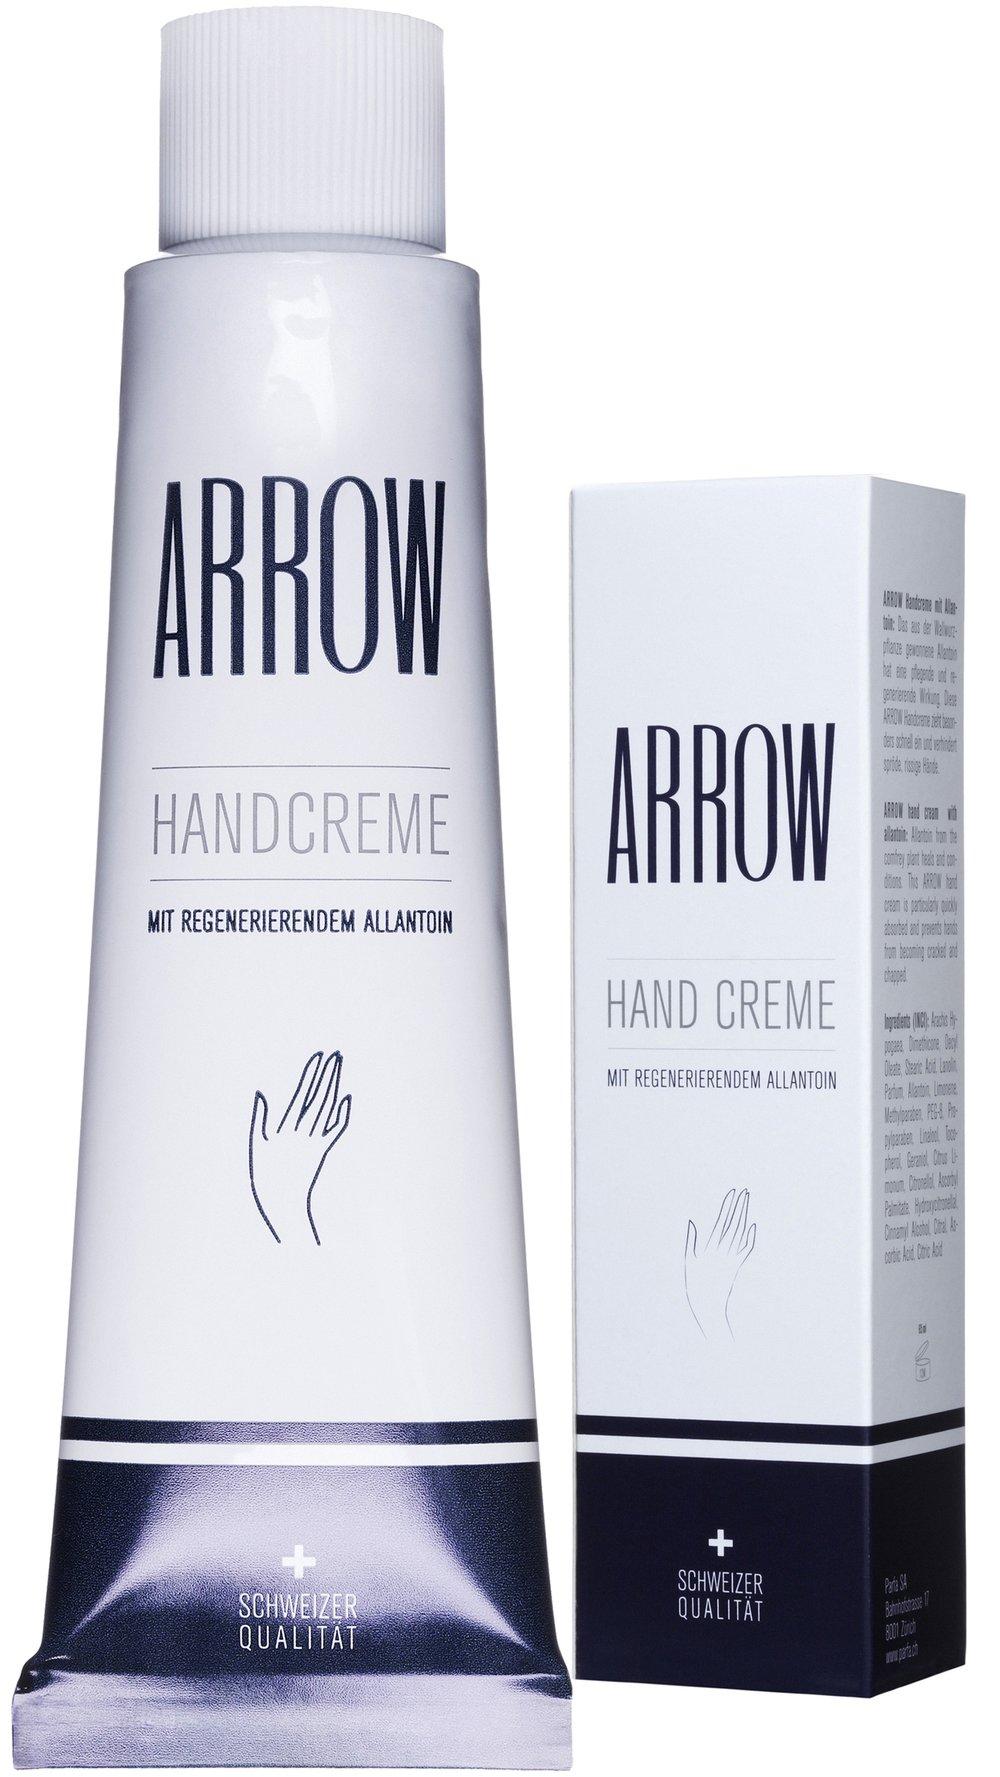 ARROW Handcreme mit regenerierendem Allantoin